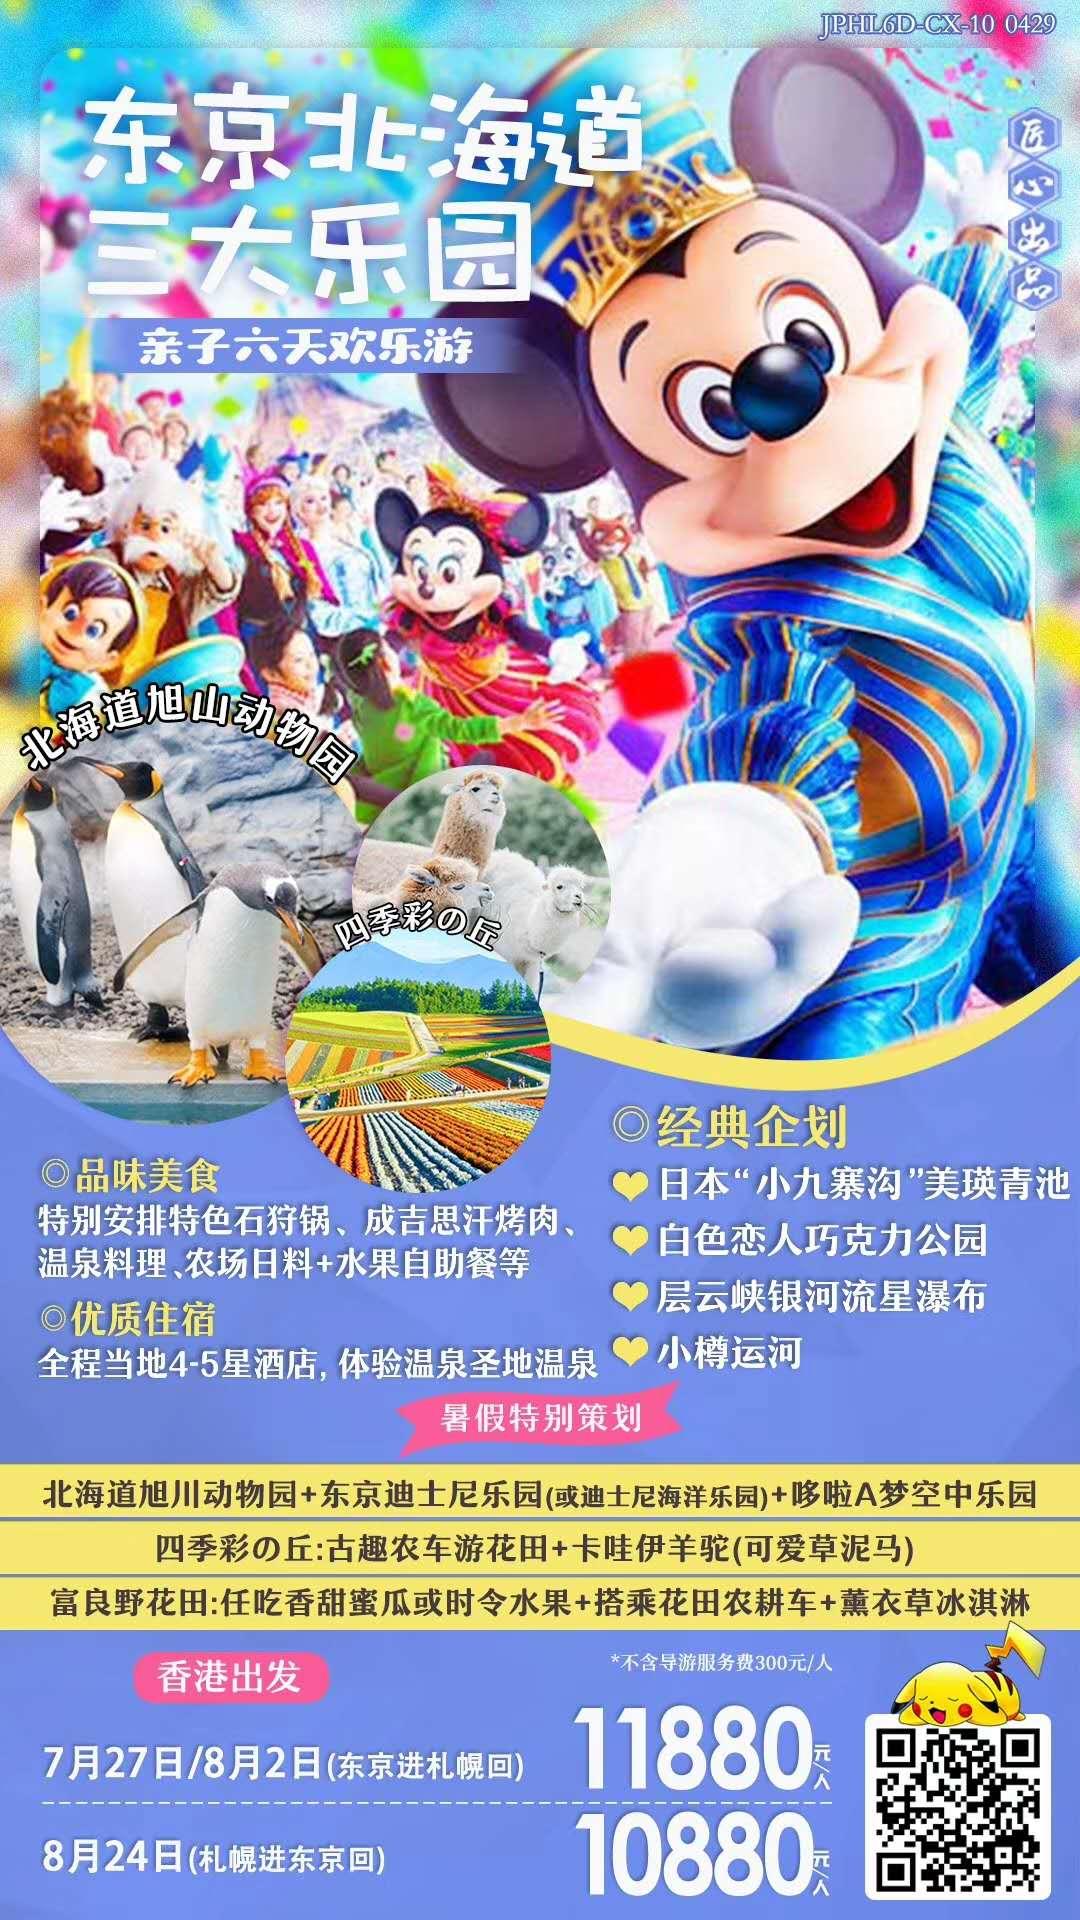 【东京北海道三大乐园】亲子6天欢乐游、北海道旭山动物园、白色恋人巧克力公园、小樽运河